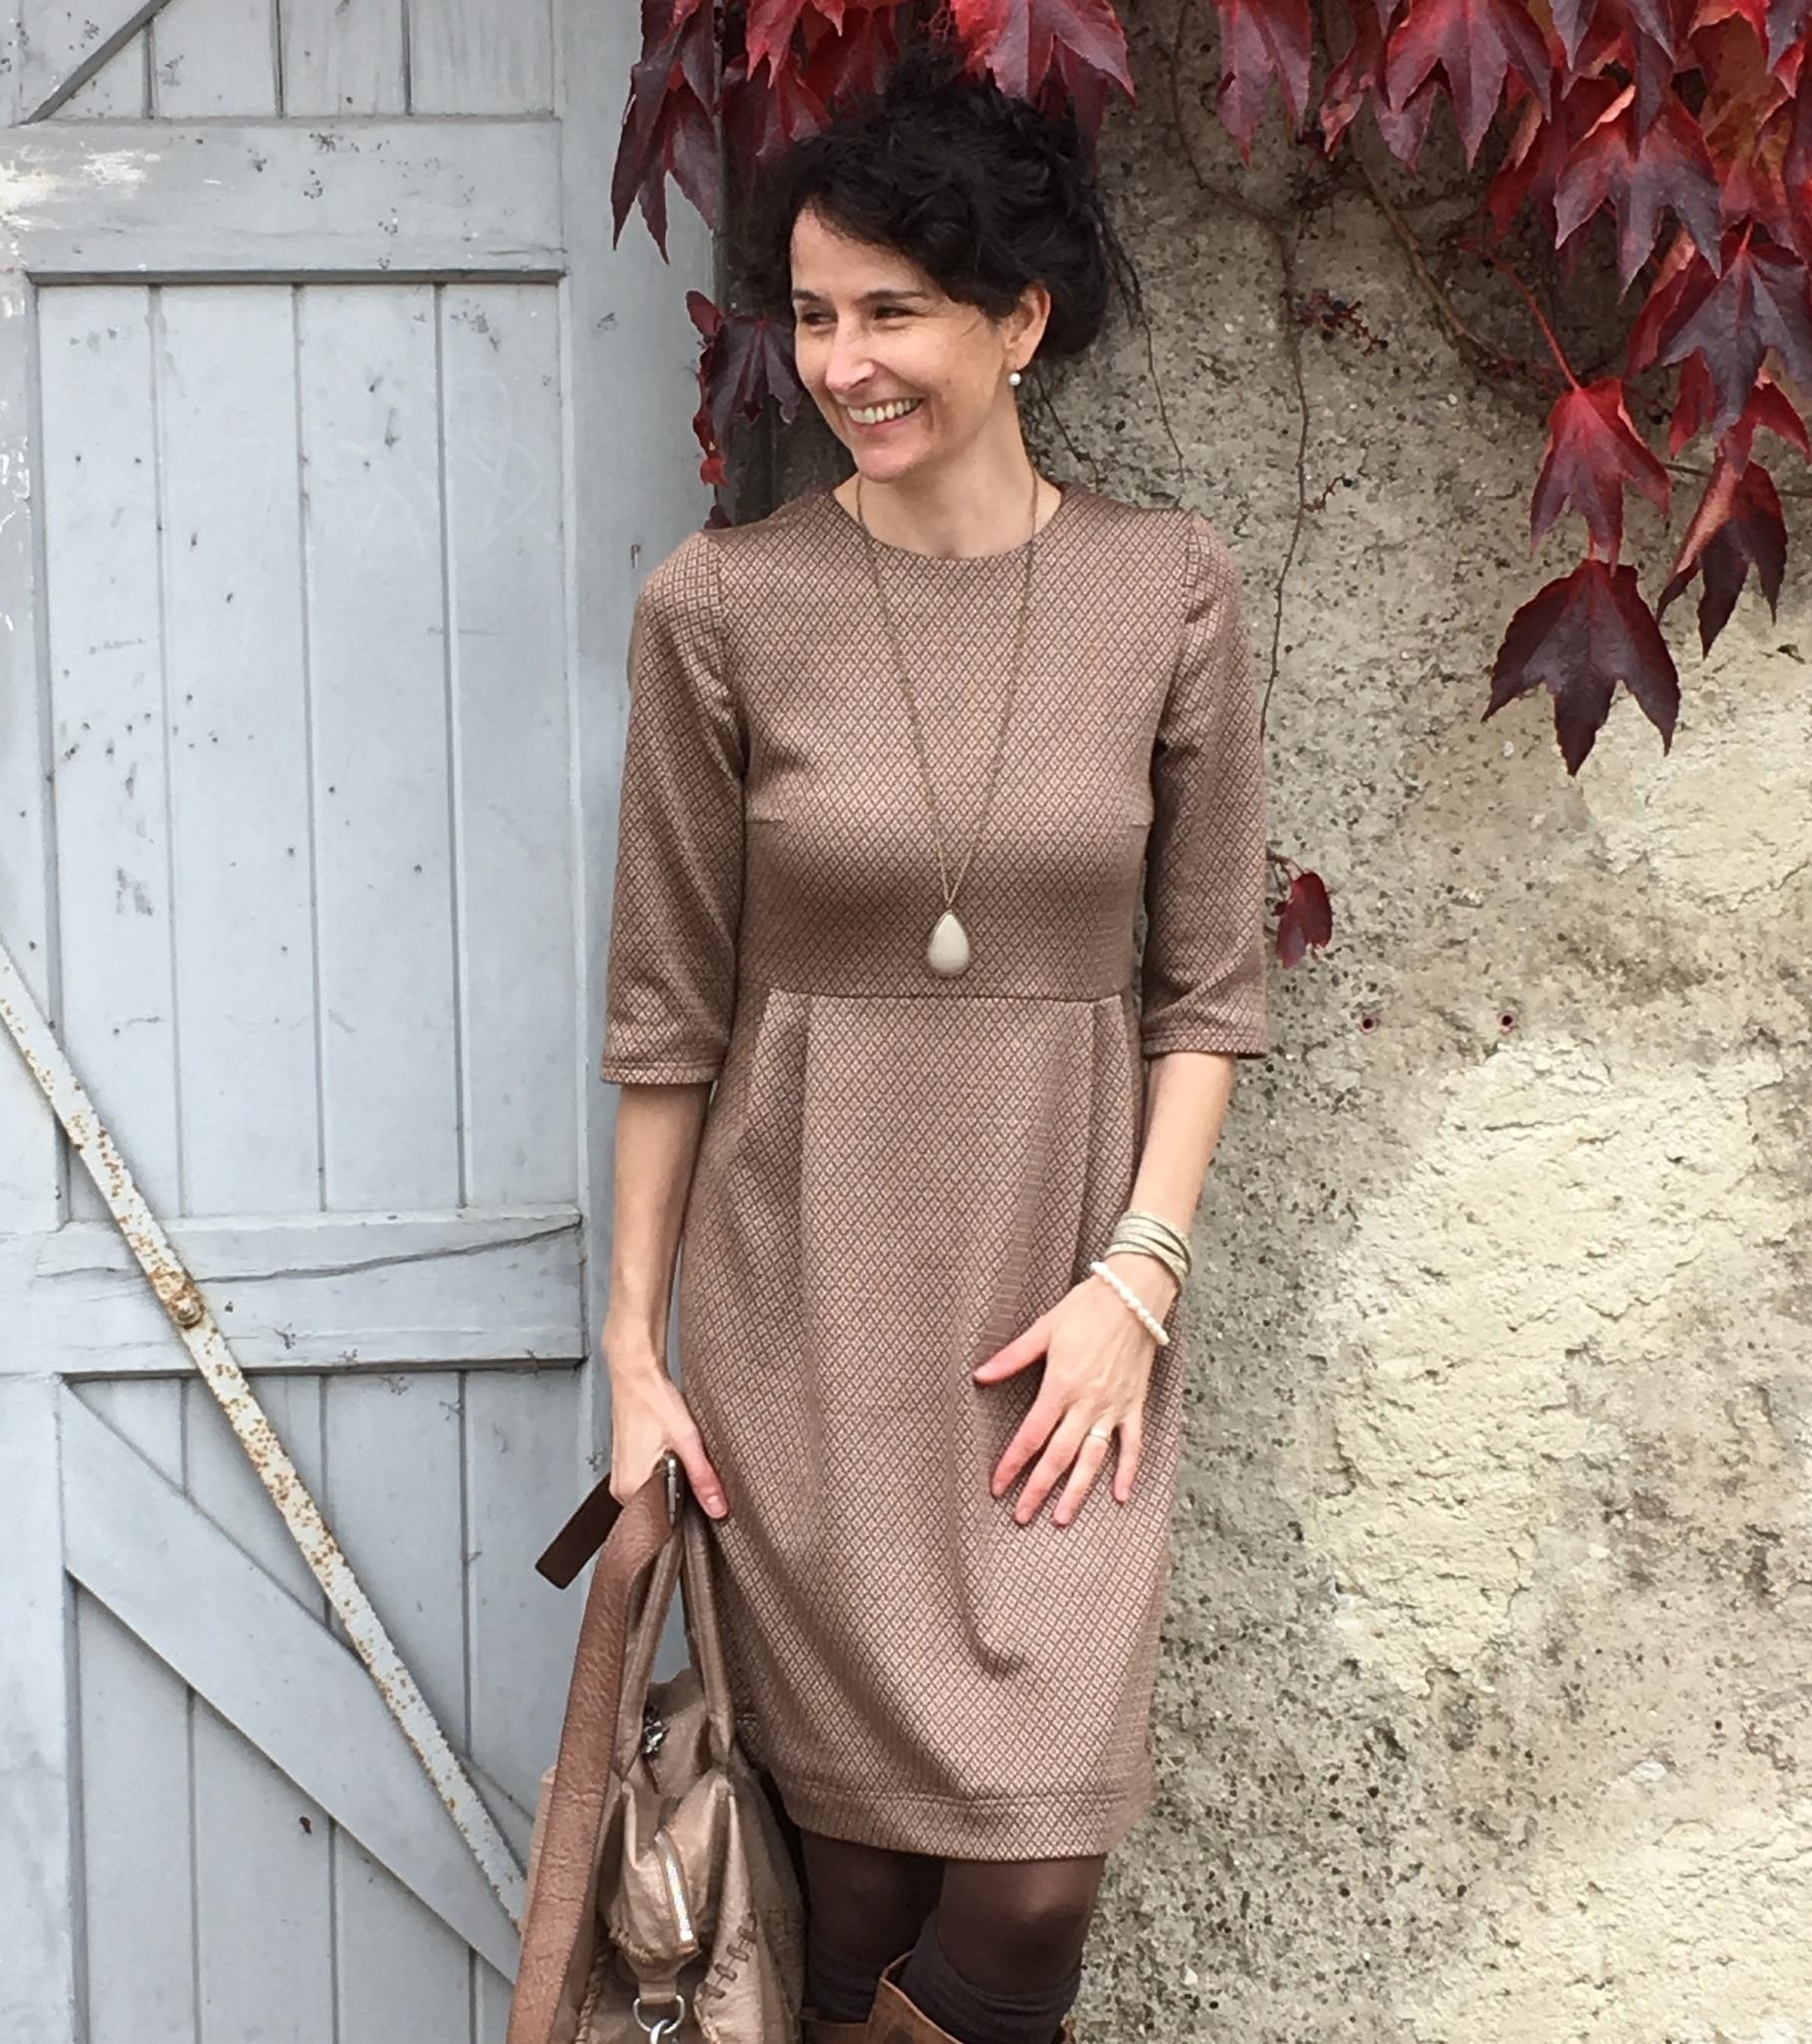 Abend Genial Schöne Kleider Für Den Herbst Ärmel15 Elegant Schöne Kleider Für Den Herbst für 2019